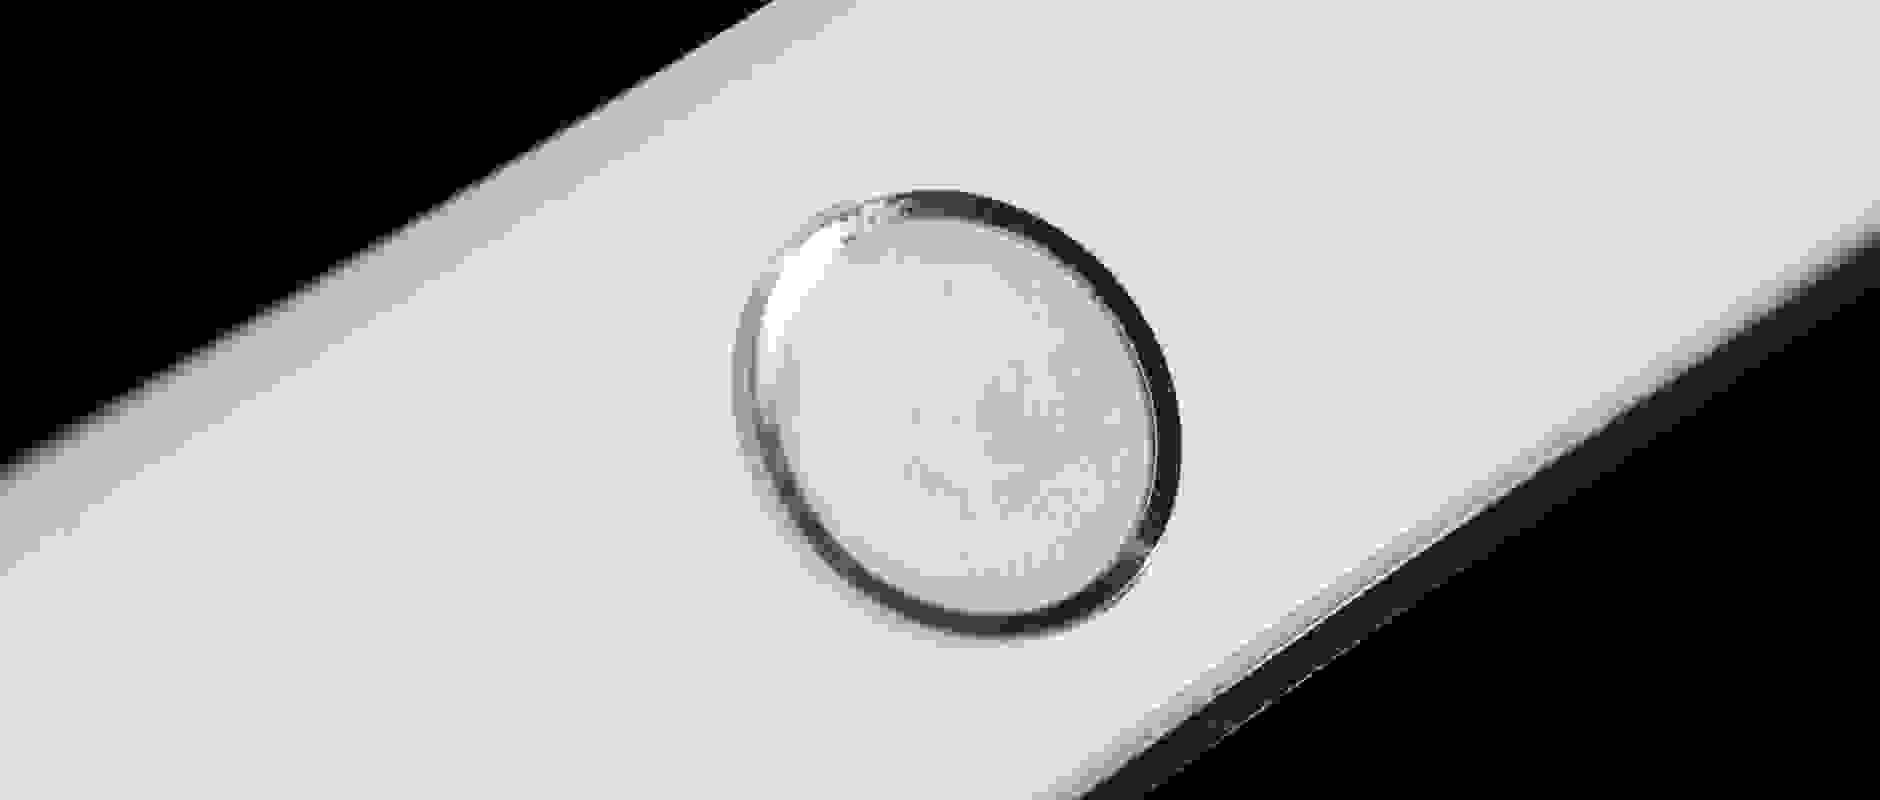 A photo of the Apple iPad mini 3's Touch ID sensor.